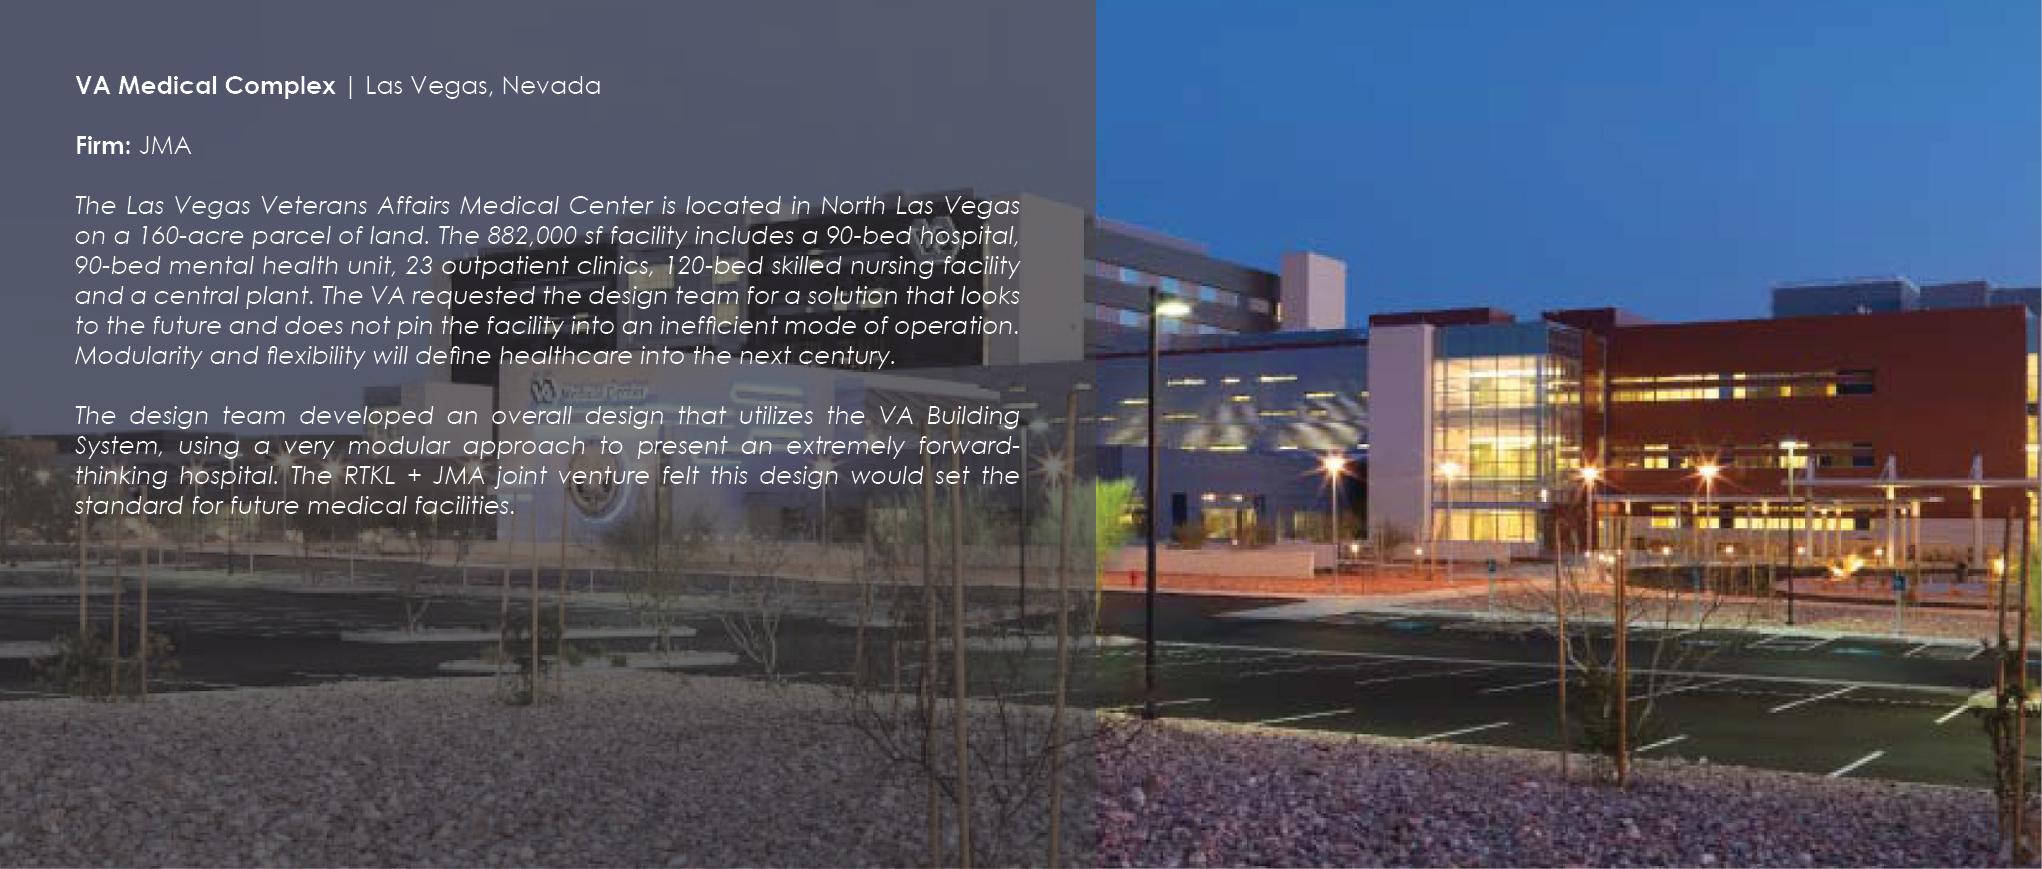 VA Medical Complex